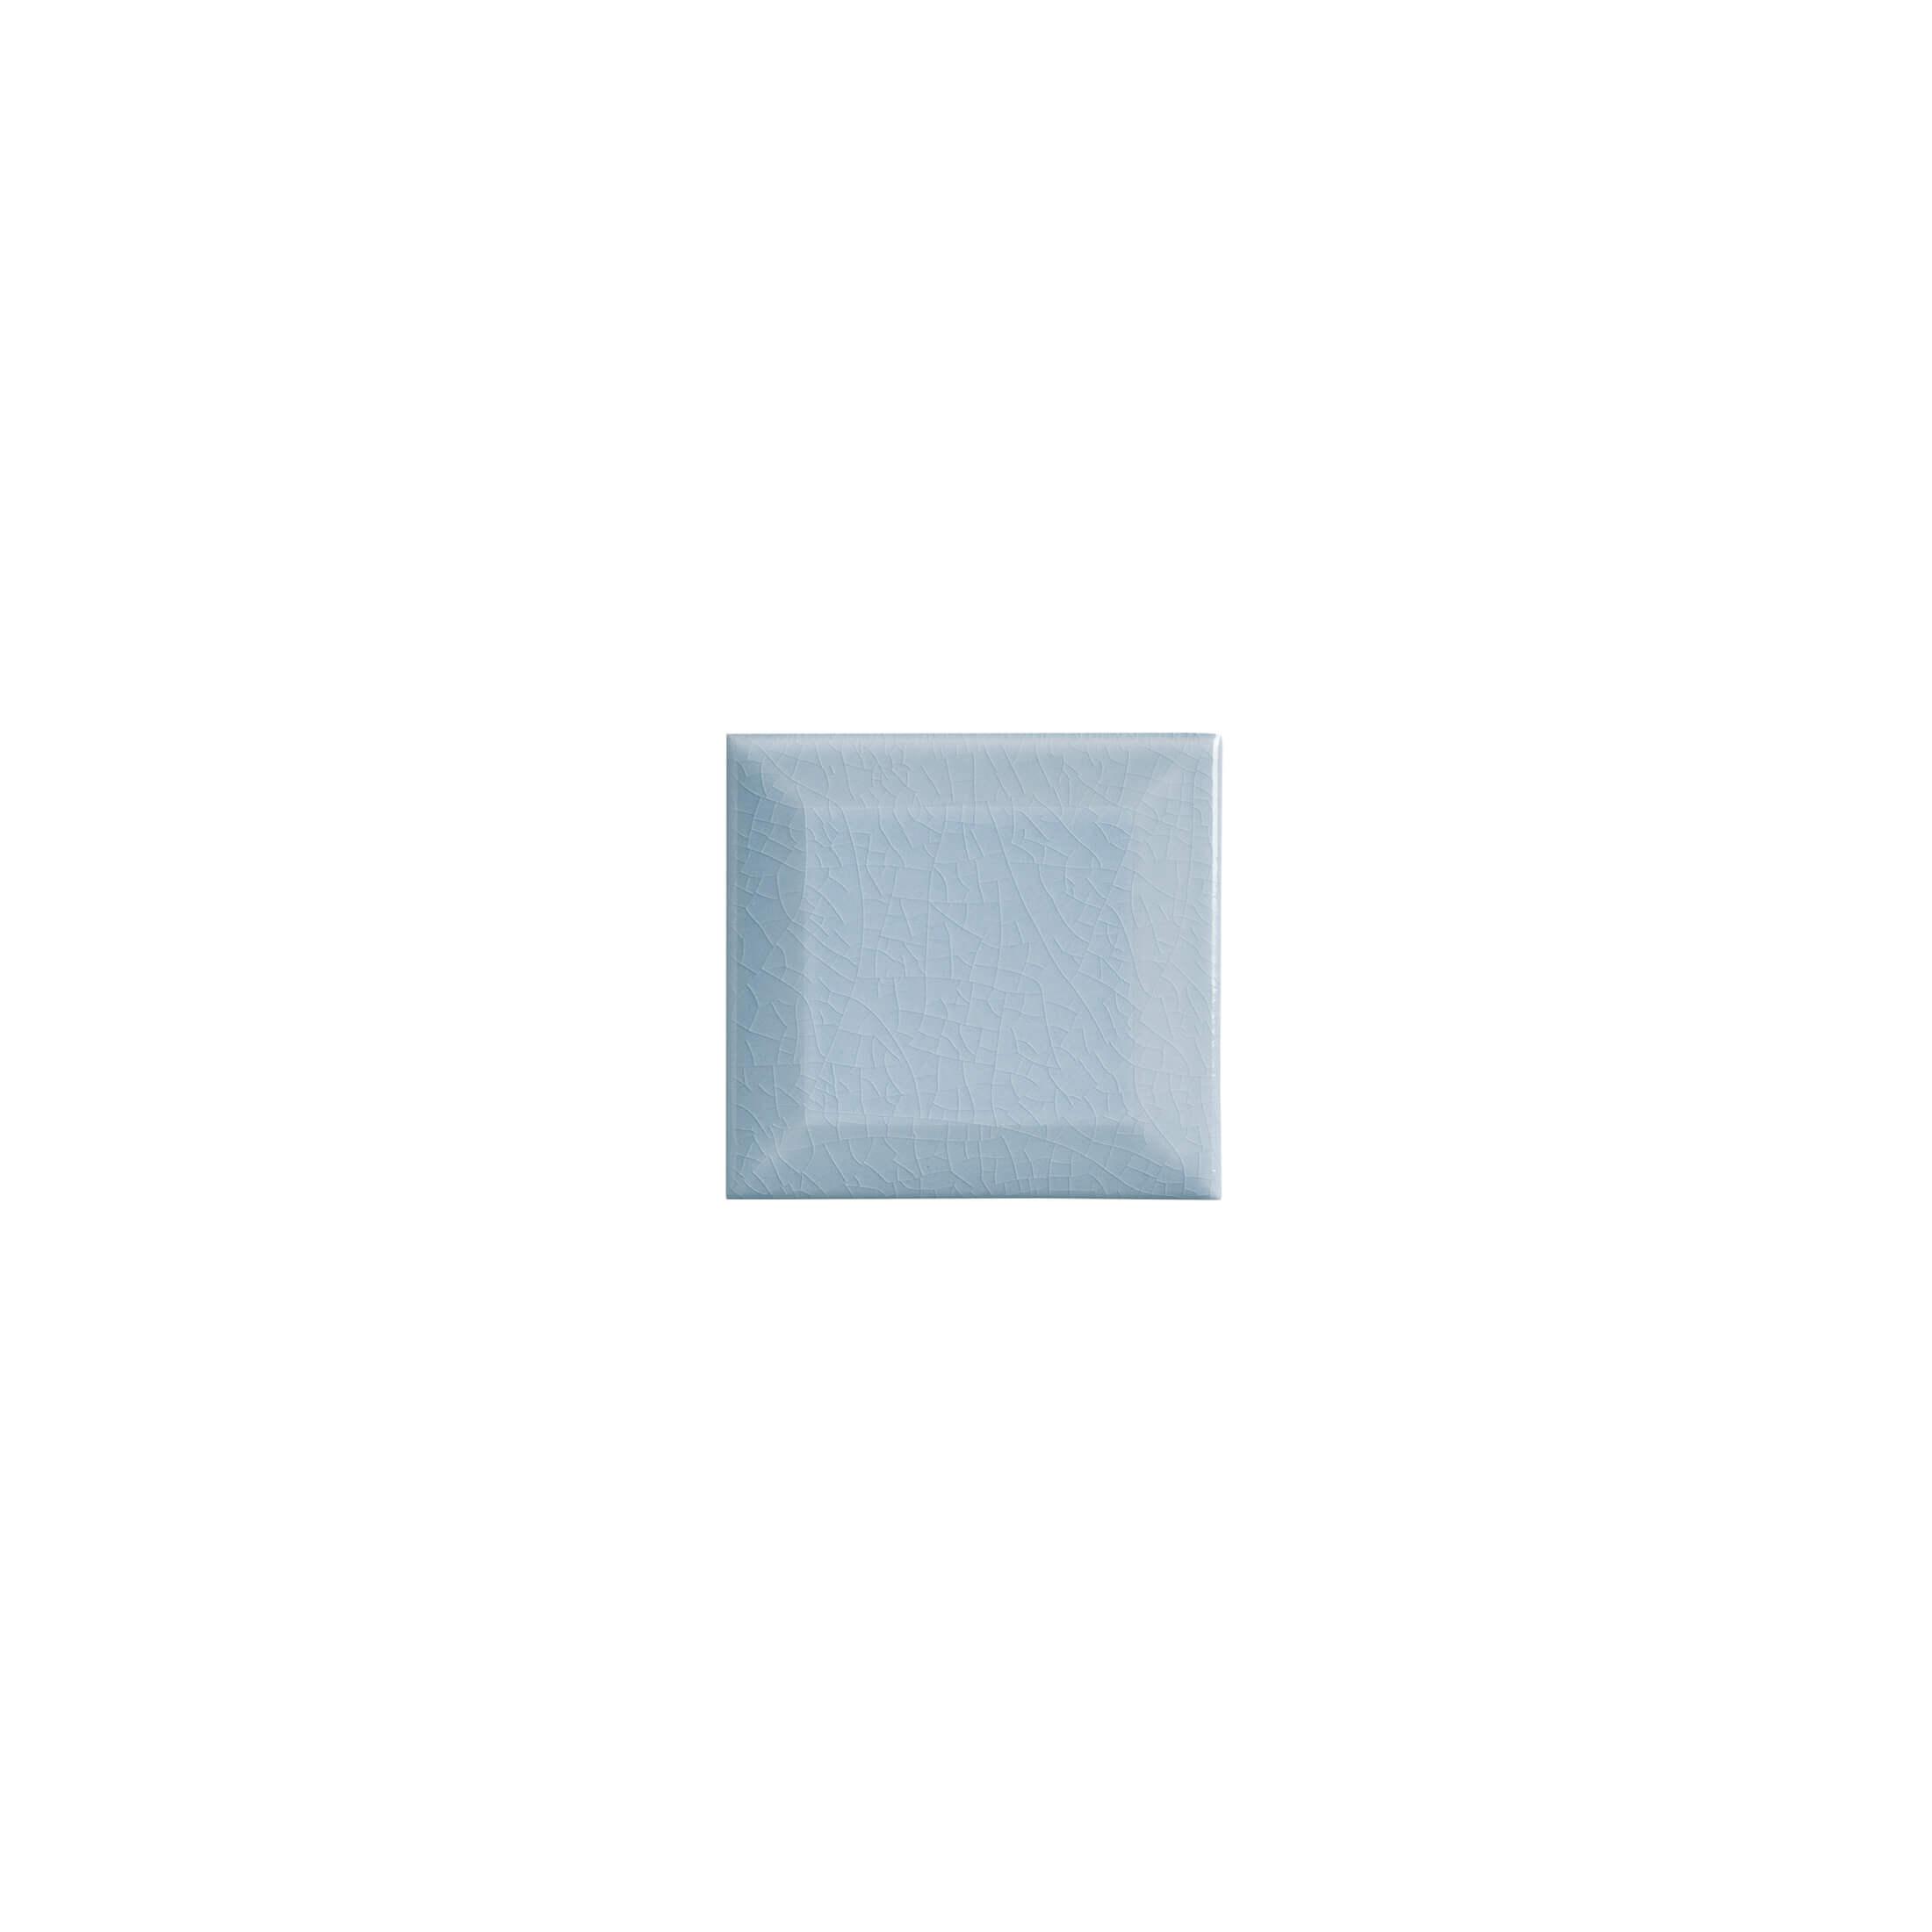 ADMO5500 - BISELADO PB C/C - 7.5 cm X 7.5 cm